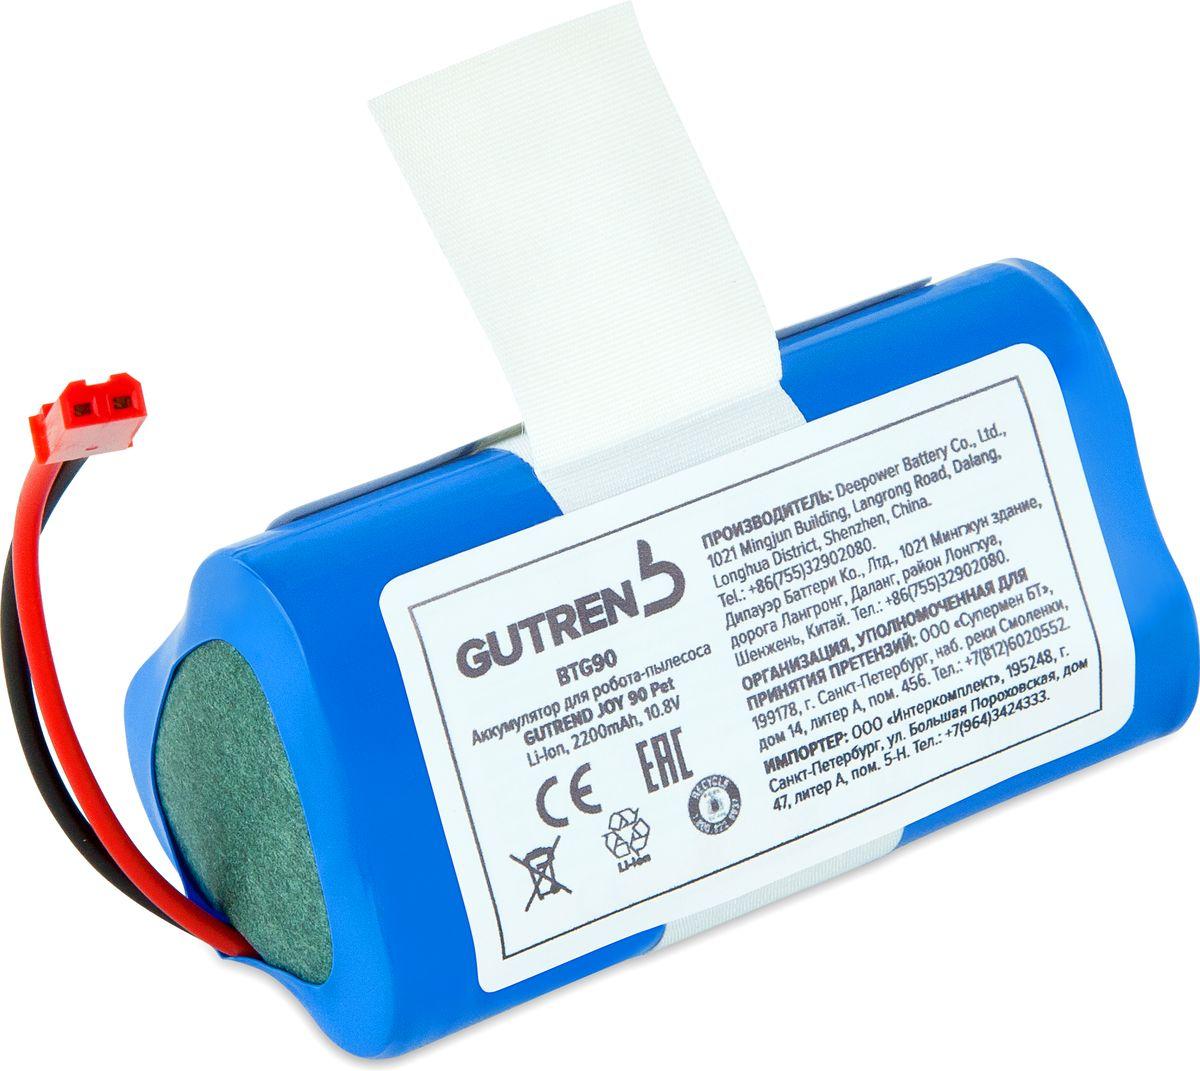 Gutrend BTG90 аккумуляторная батарея для Joy 90 PetBTG90Gutrend BTG90 - надежная оригинальная аккумуляторная батарея типа Li-Ion емкостью 2200 мАч для популярного робота-пылесоса Joy 90 Pet.